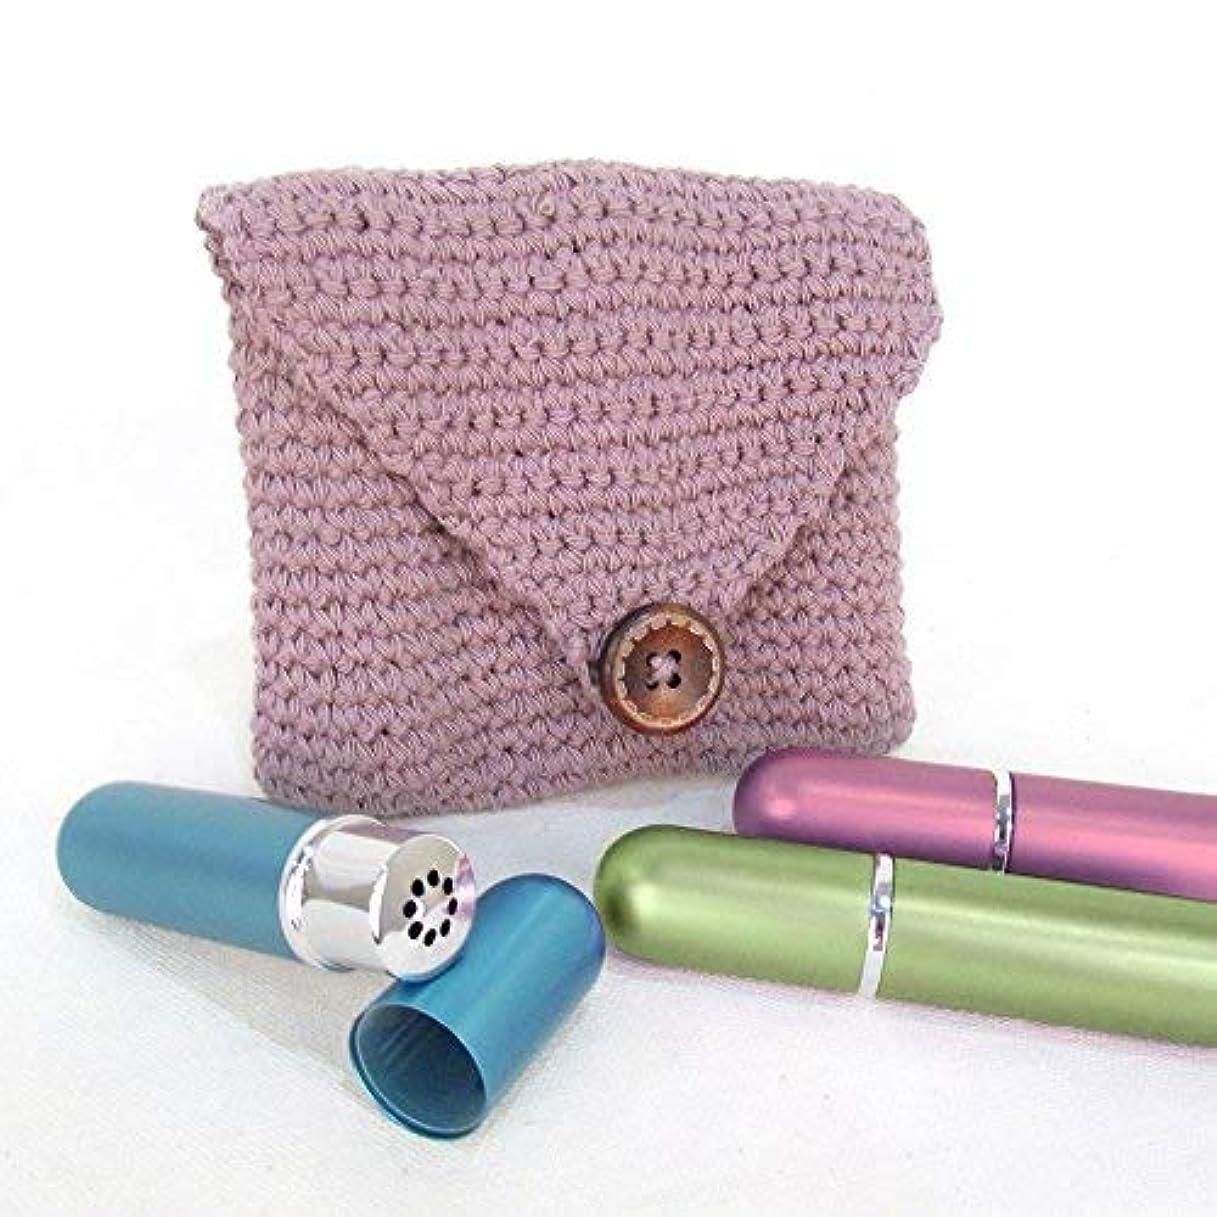 アノイコンチネンタル寛容Purple Crochet Case and 3 Empty Essential Oil Aluminum and Glass Refillable Inhalers by Rivertree Life [並行輸入品]